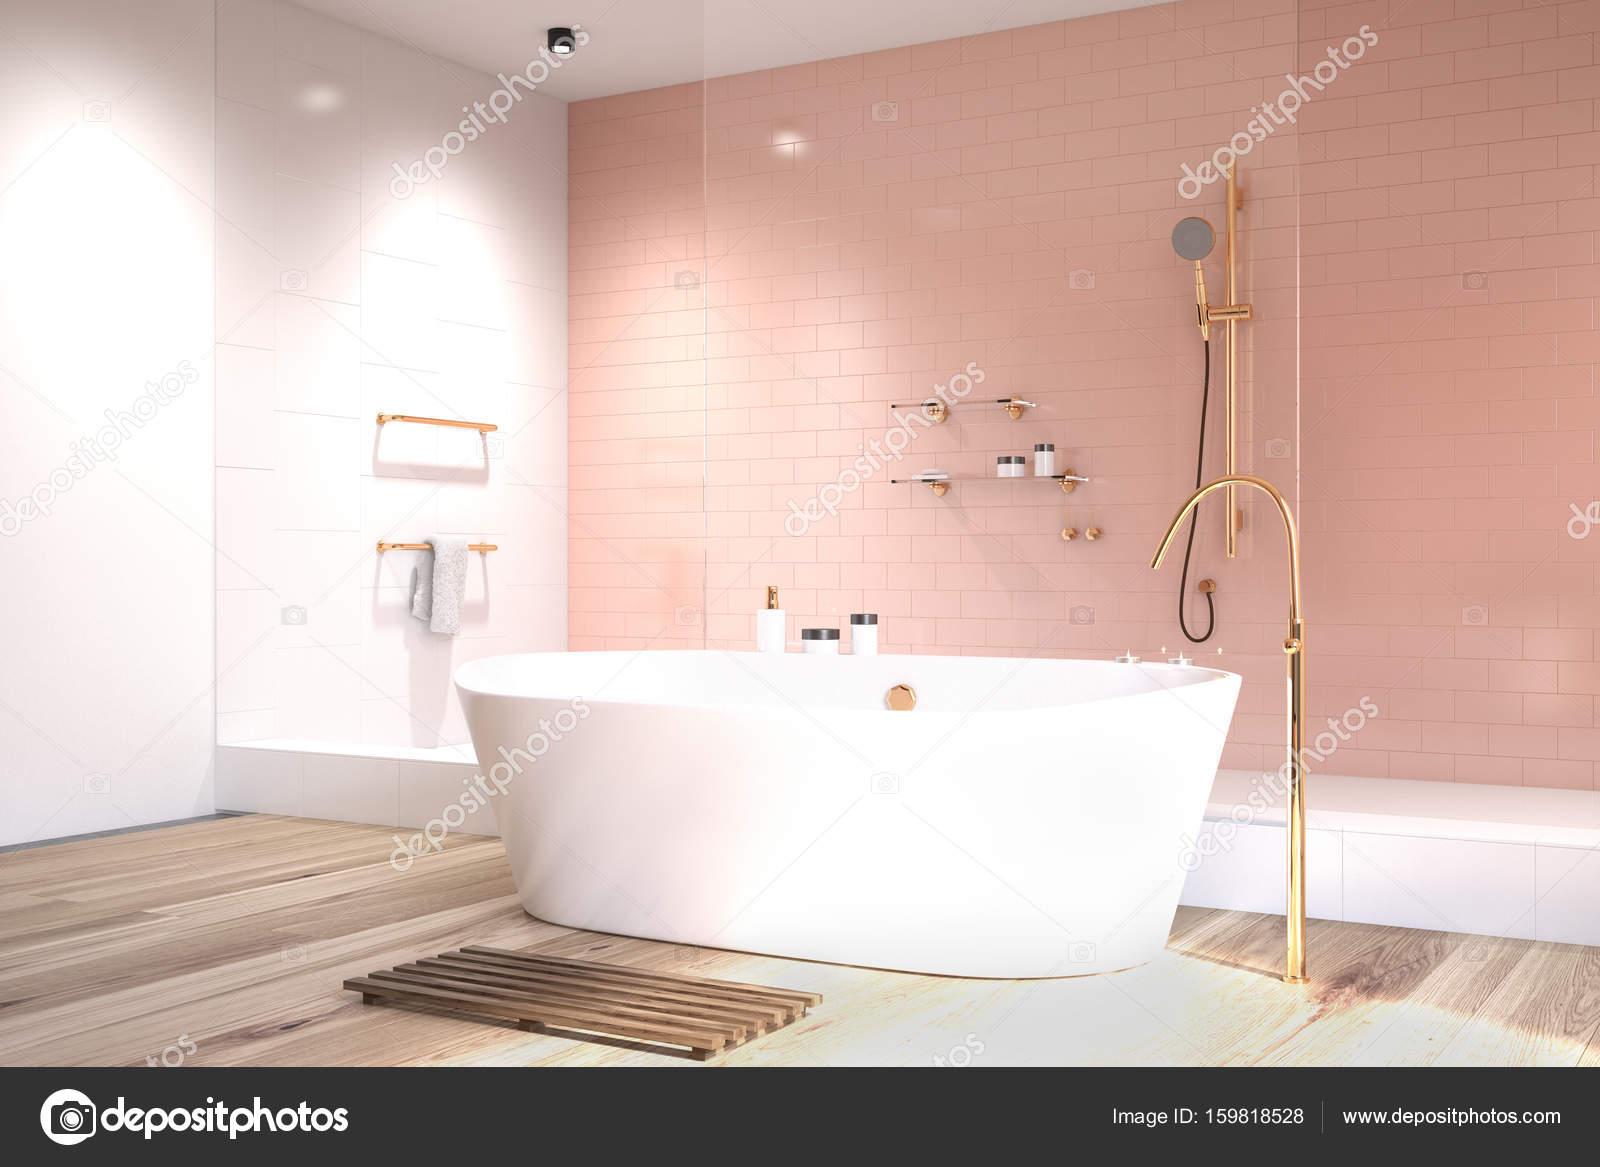 Bagno rosa con lato di piastrelle bianche foto stock denisismagilov 159818528 - Piastrelle bianche bagno ...